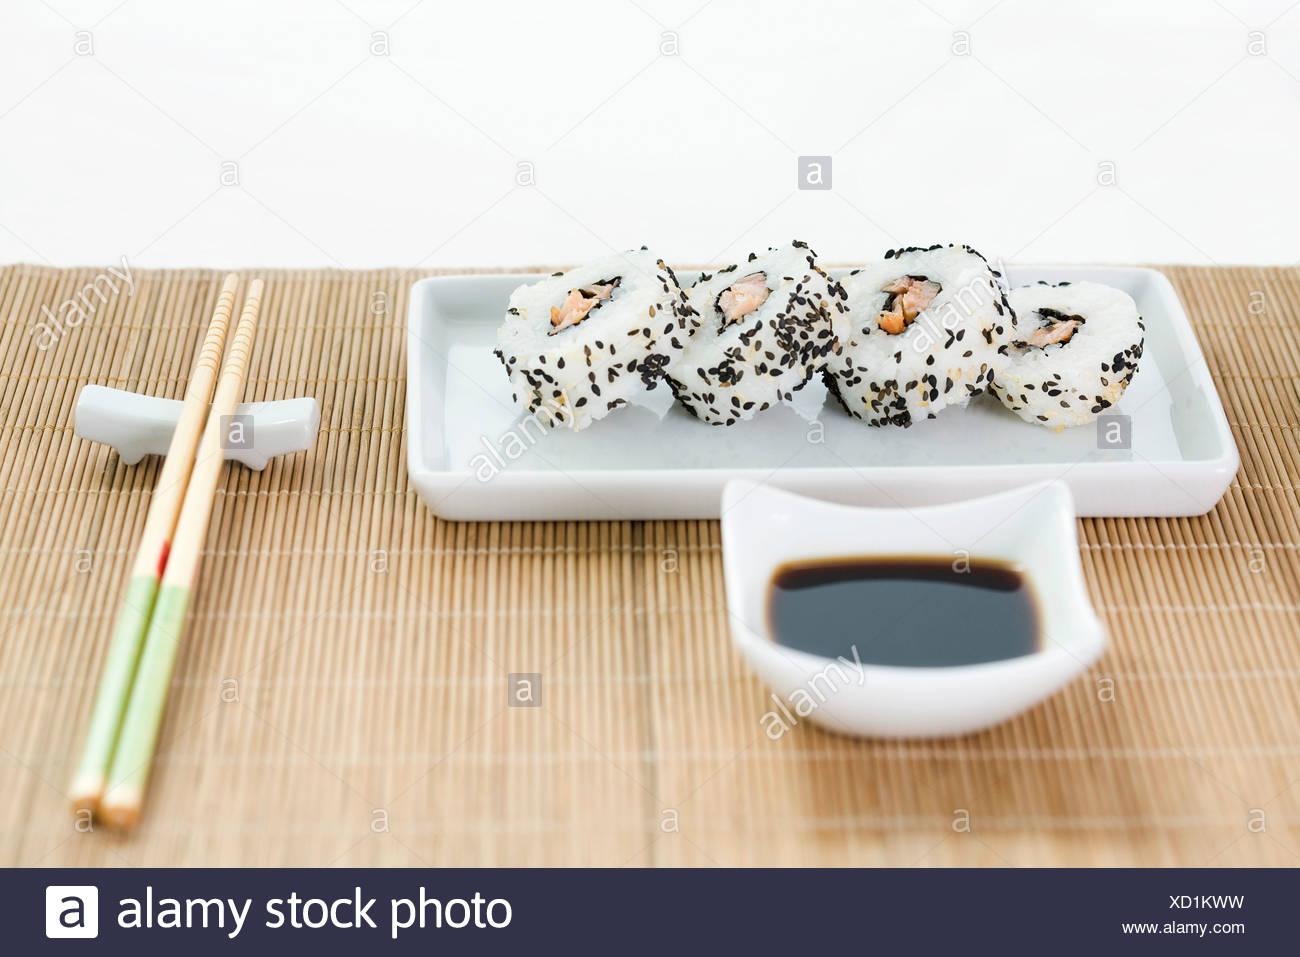 Maki Sushi Mit Sojasauce Und Stabchen Auf Bambus Tischset Angeordnet